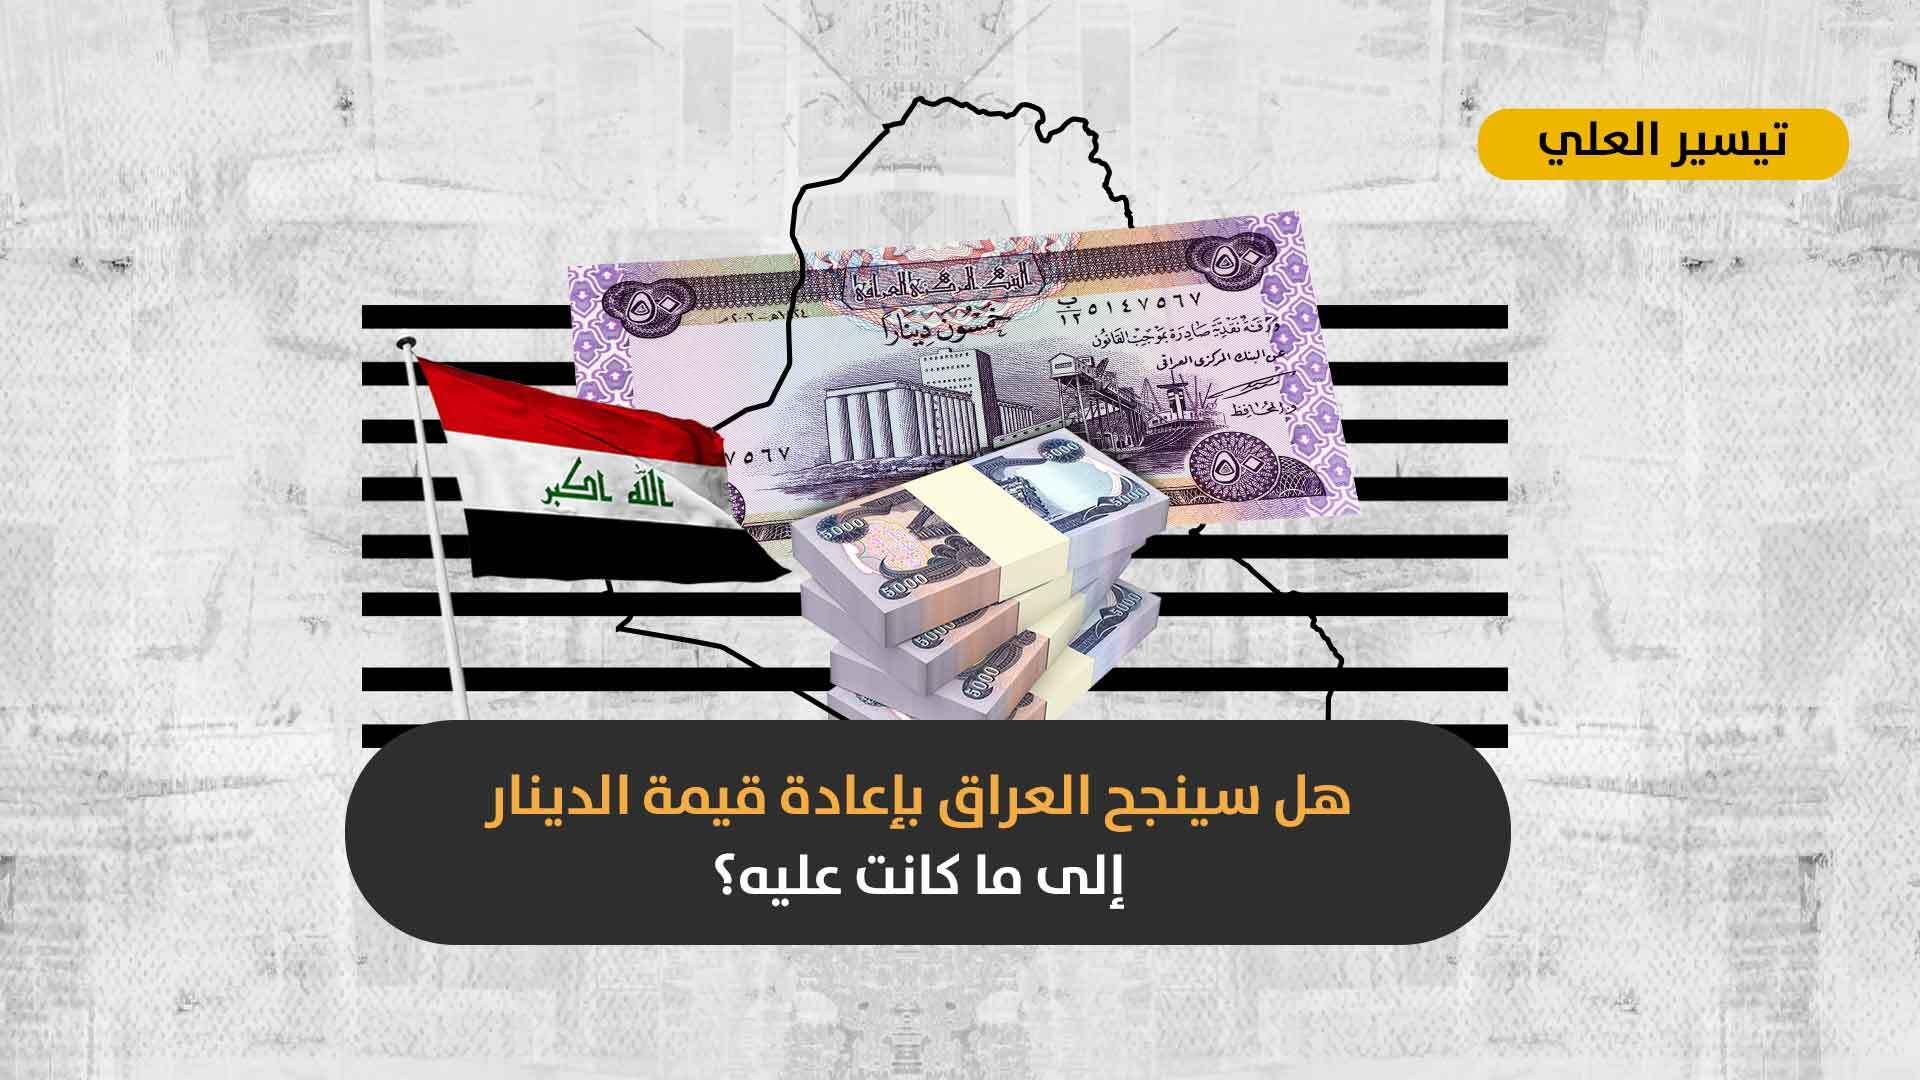 وسط ازدياد المعاناة المعيشية في البلاد: لماذا ترفض جهات سياسية عراقية تخفيض قيمة الدولار مجدداً؟